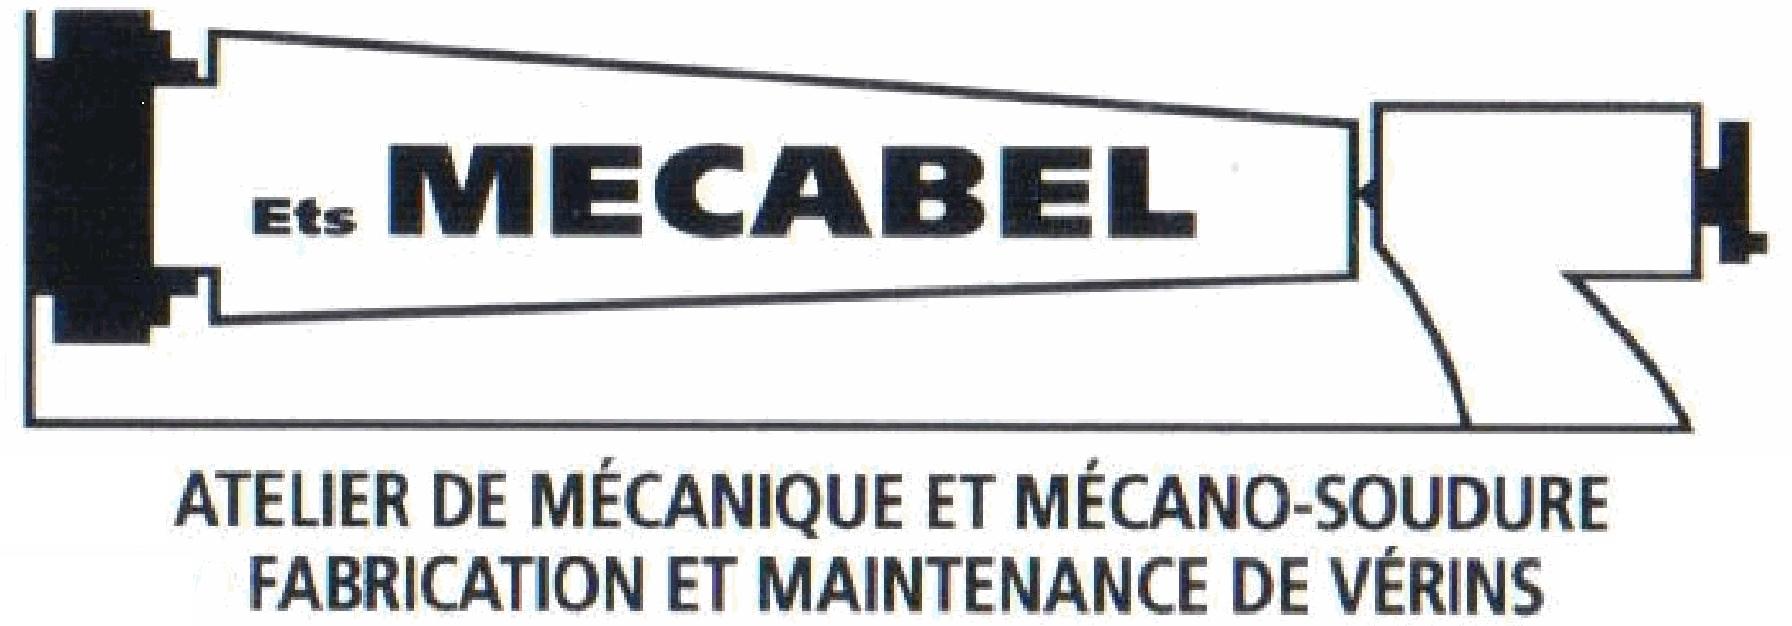 Mecabel